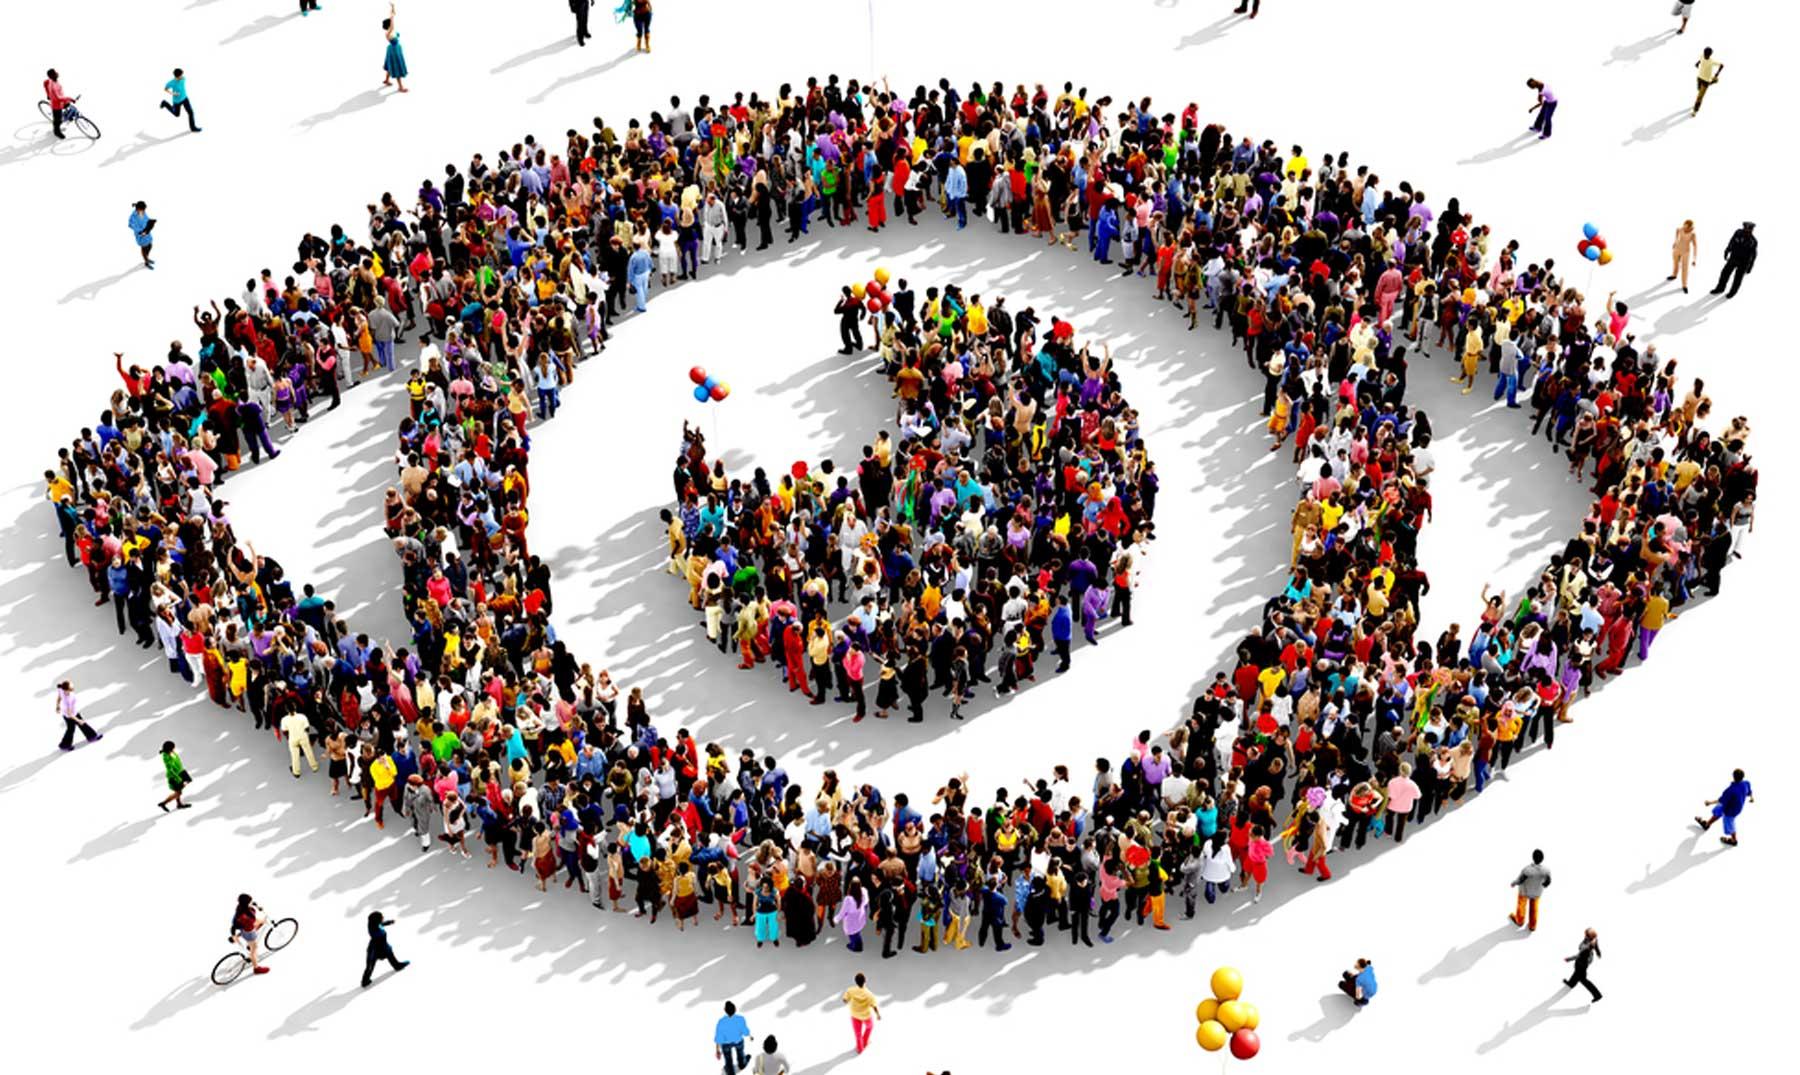 60 Frases De Sociología Descifrar La Interacción Social